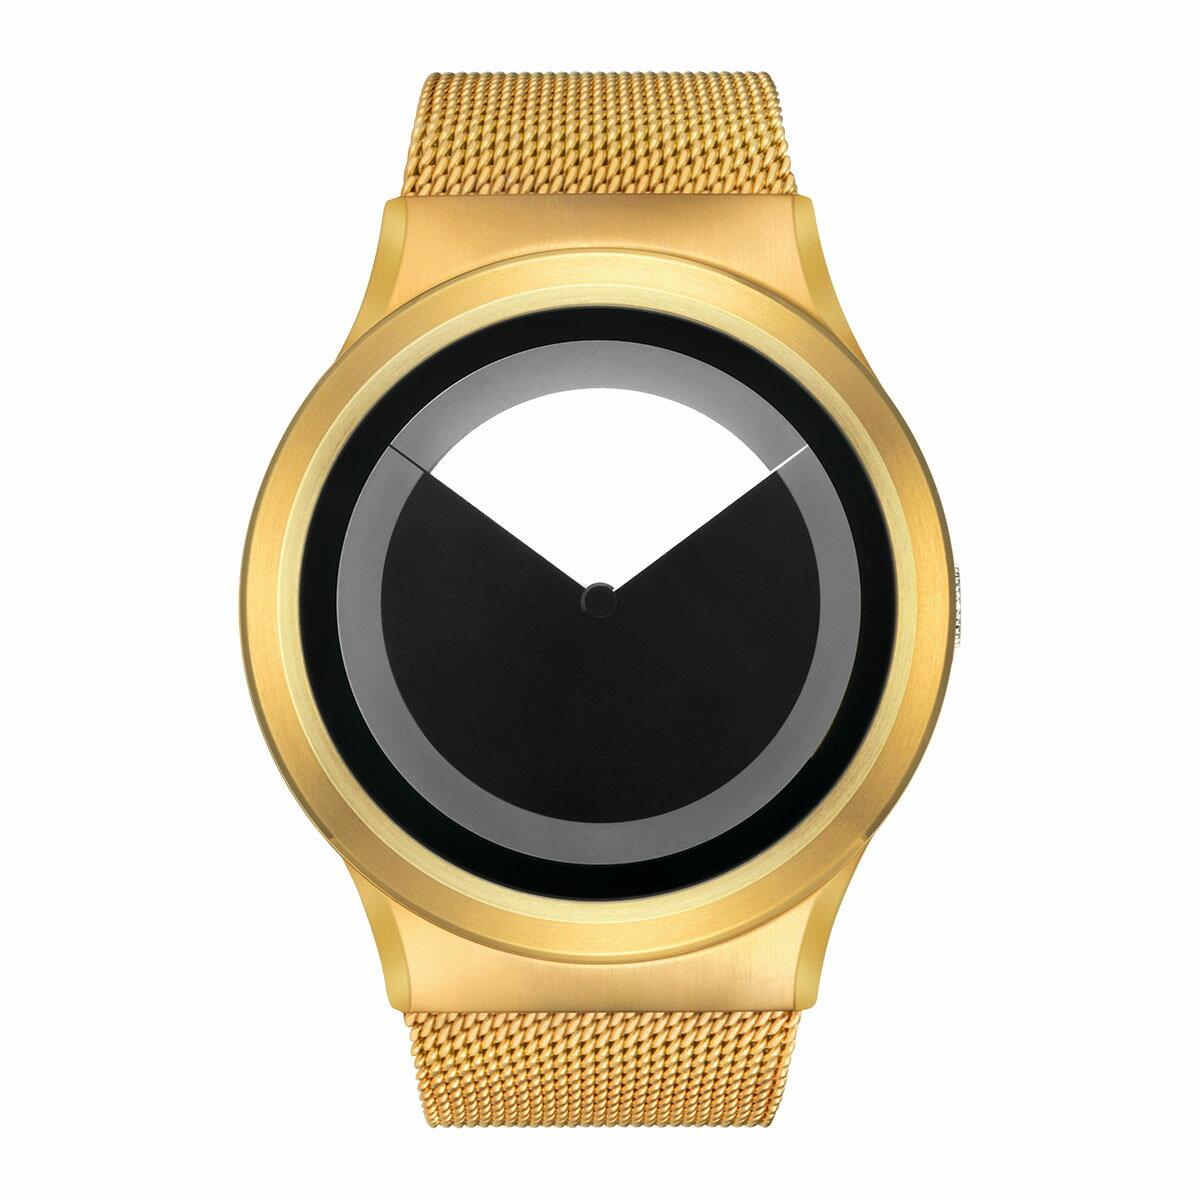 ZEROO DEEPSKY SWEEPING ゼロ 電池式クォーツ 腕時計 [W04012B04SM04] グレイ デザインウォッチ ペア用 メンズ レディース ユニセックス おしゃれ時計 デザイナーズ